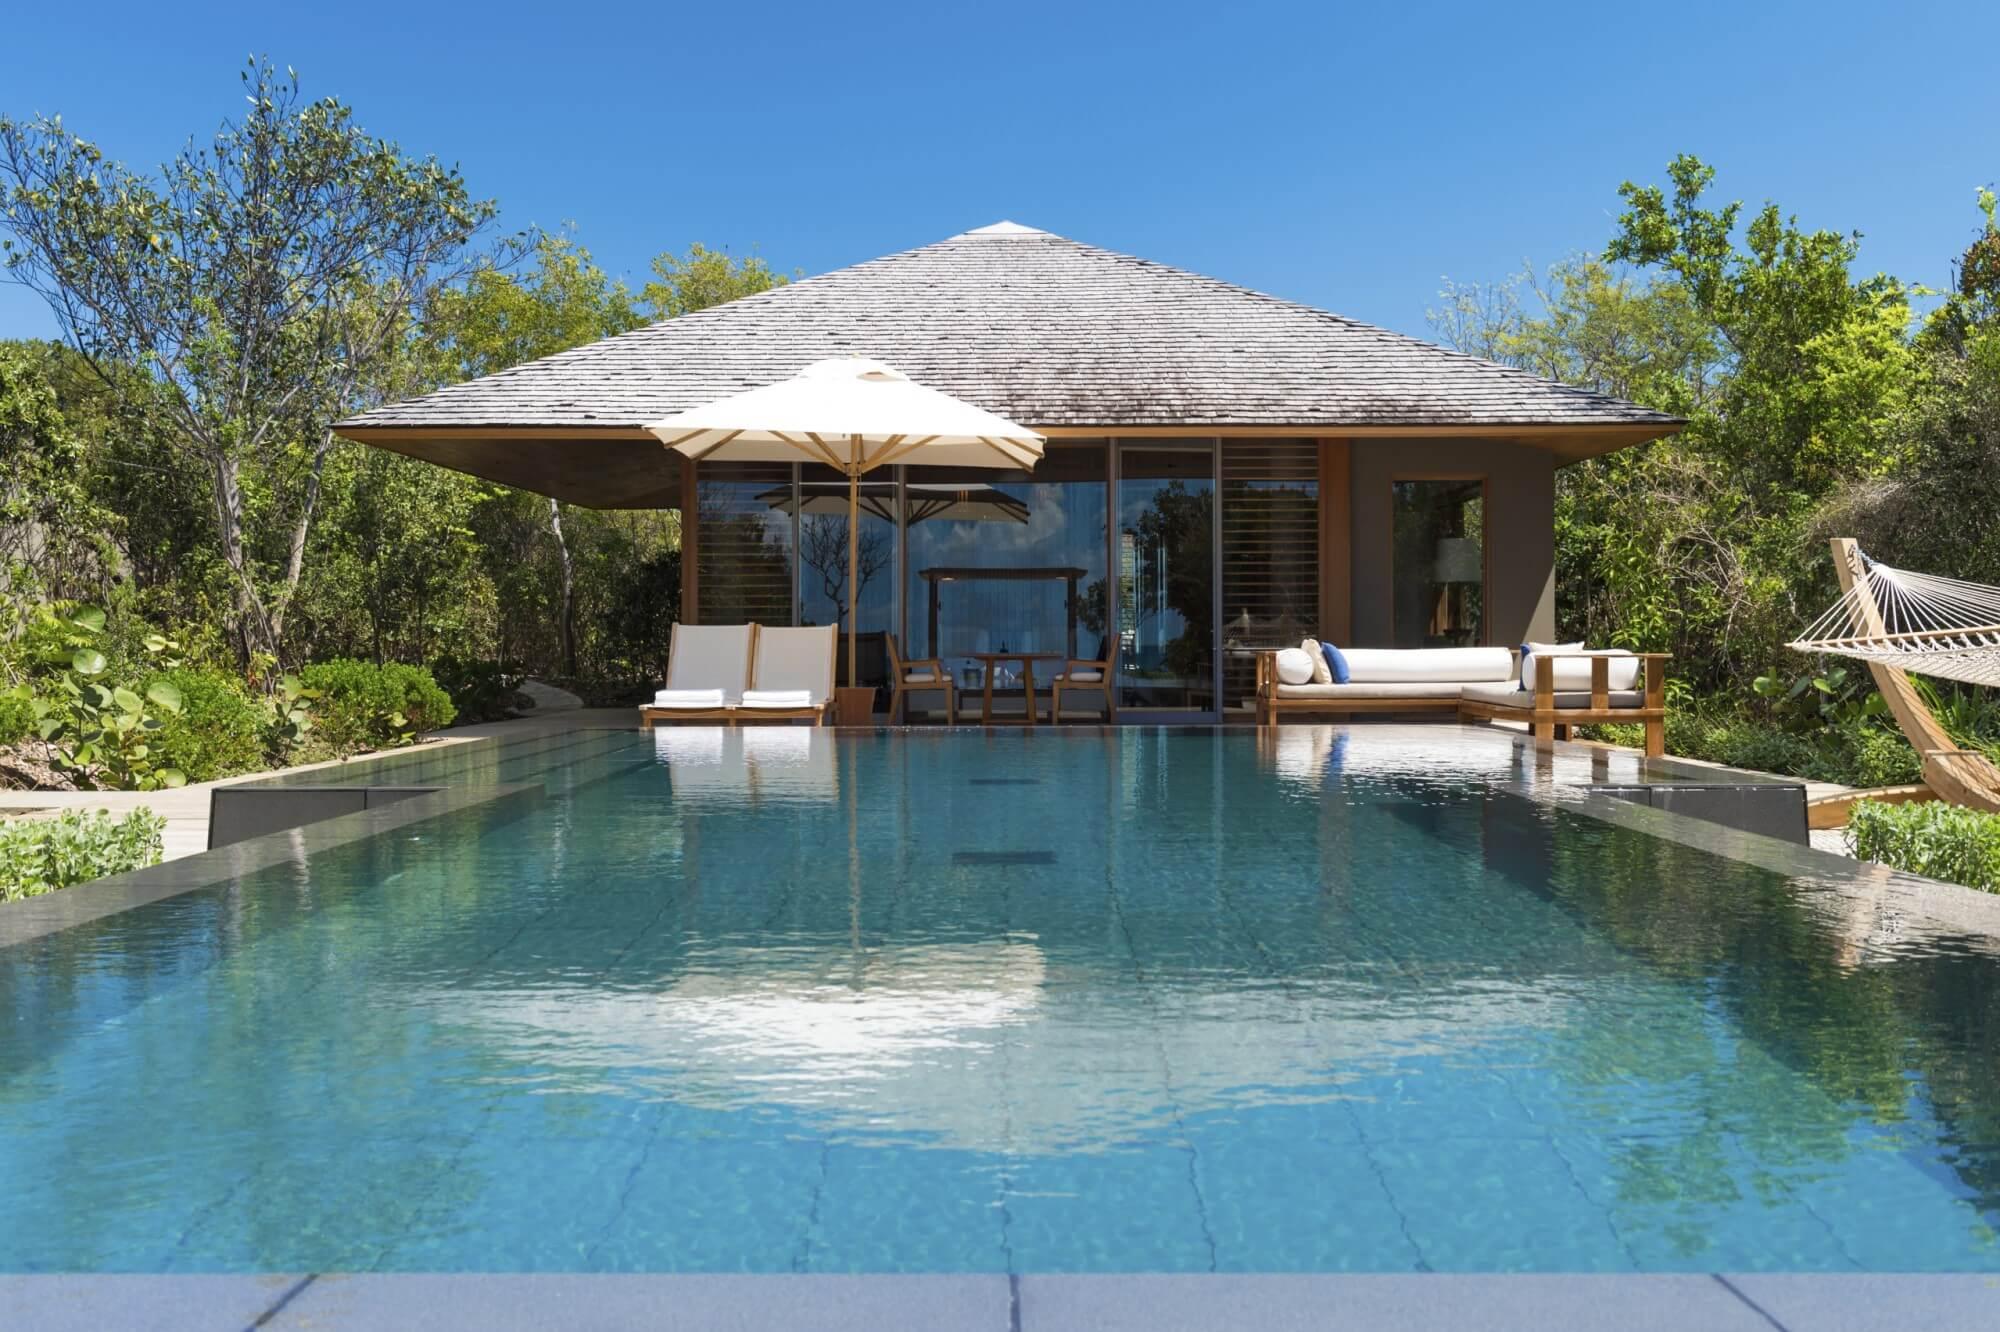 アマンヤラ Amanyara, Turks and Caicos - Pool Pavilion